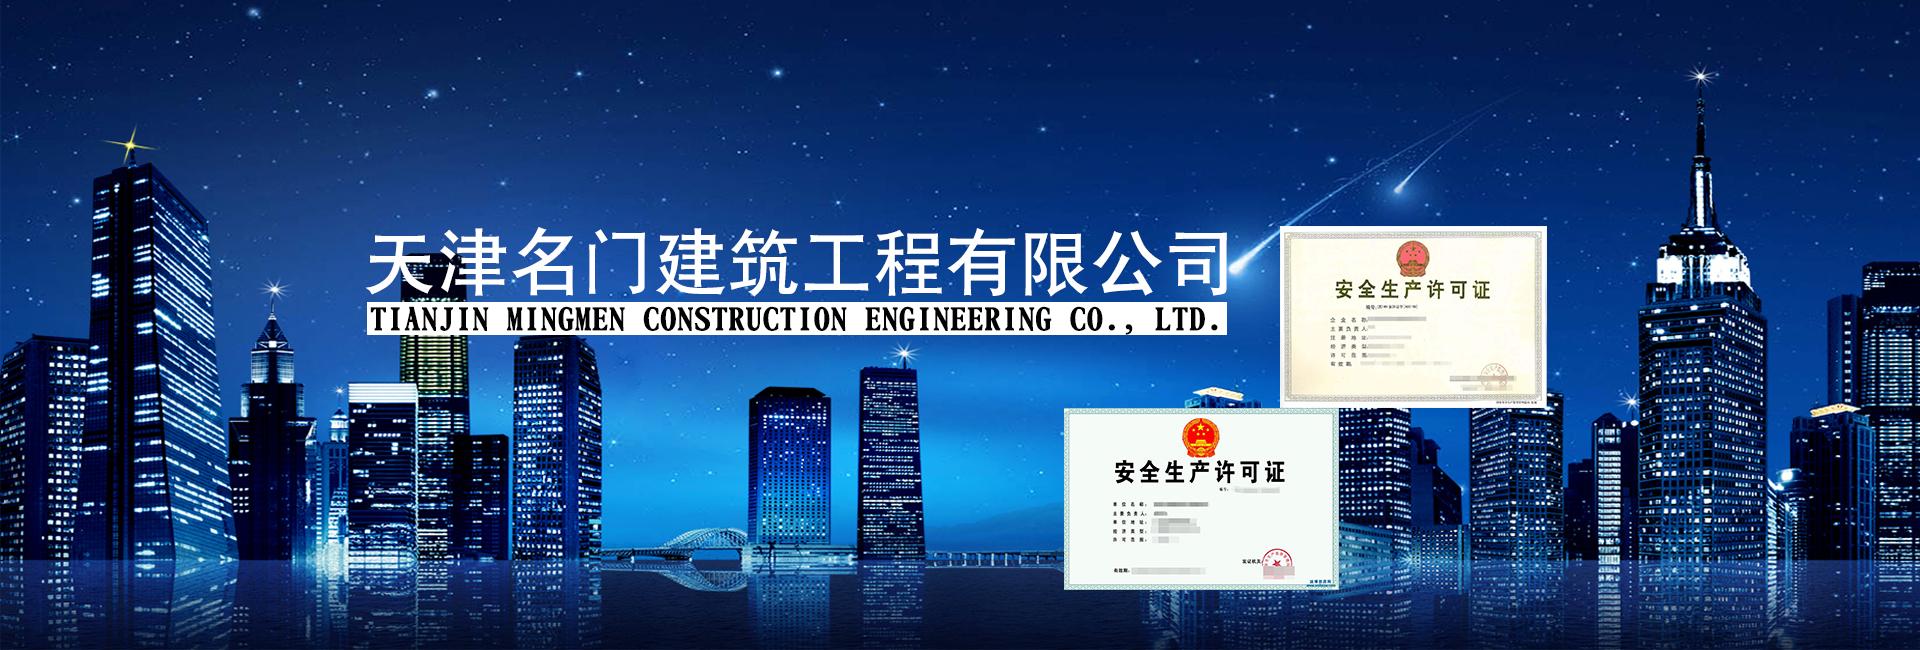 建筑企业首次办理资质需要了解哪些知识?